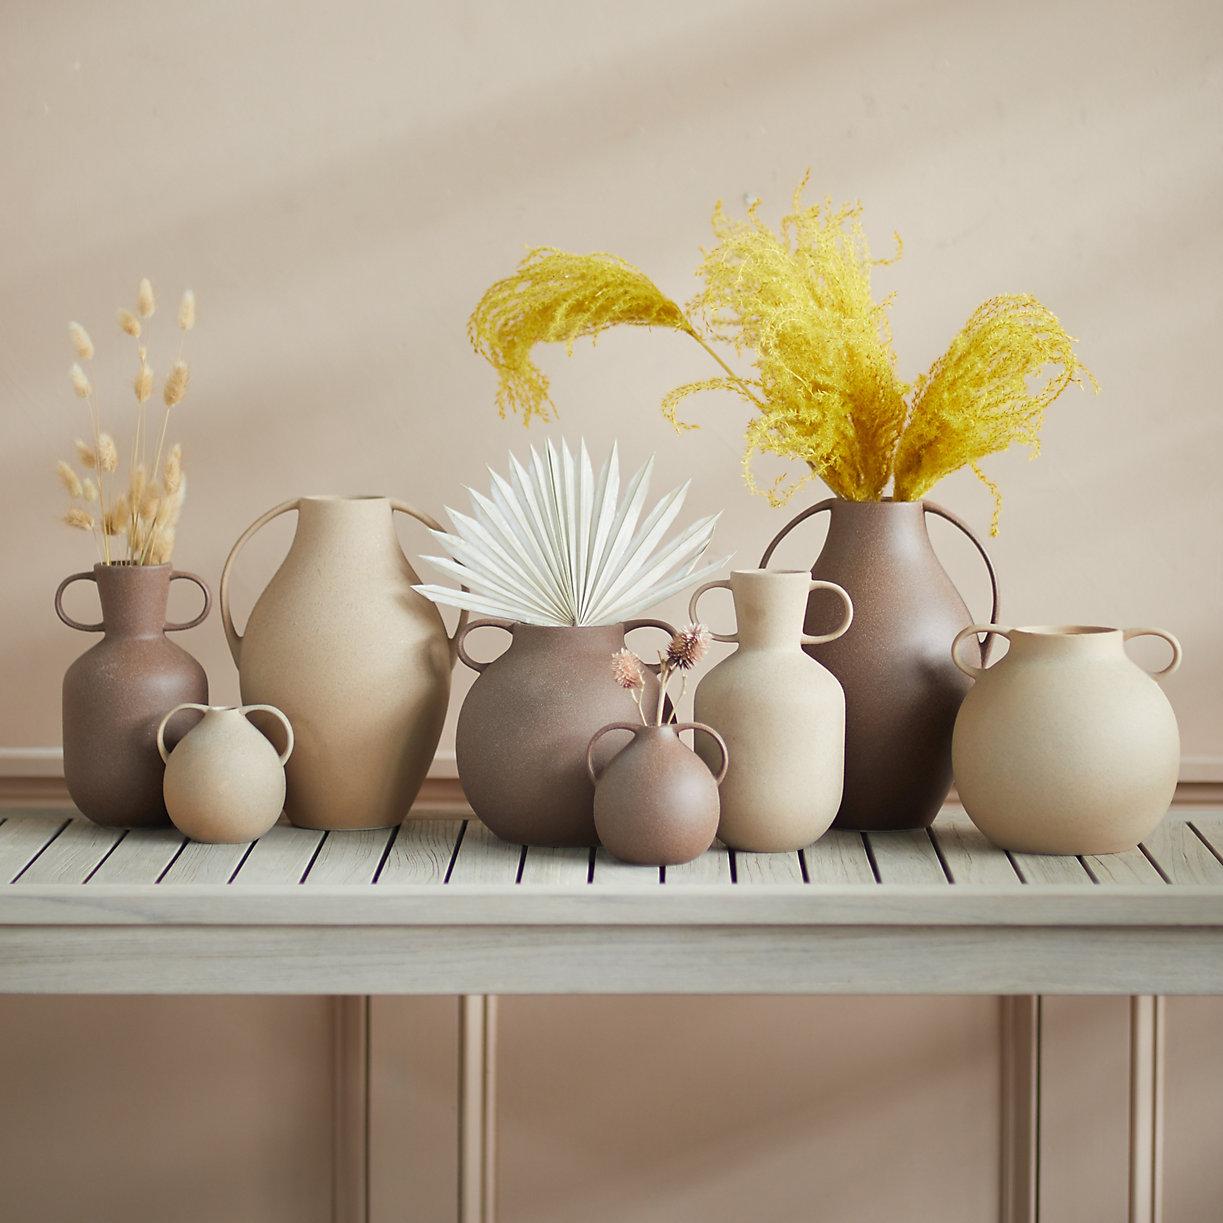 Water Jug Vase $20.00–$58.00